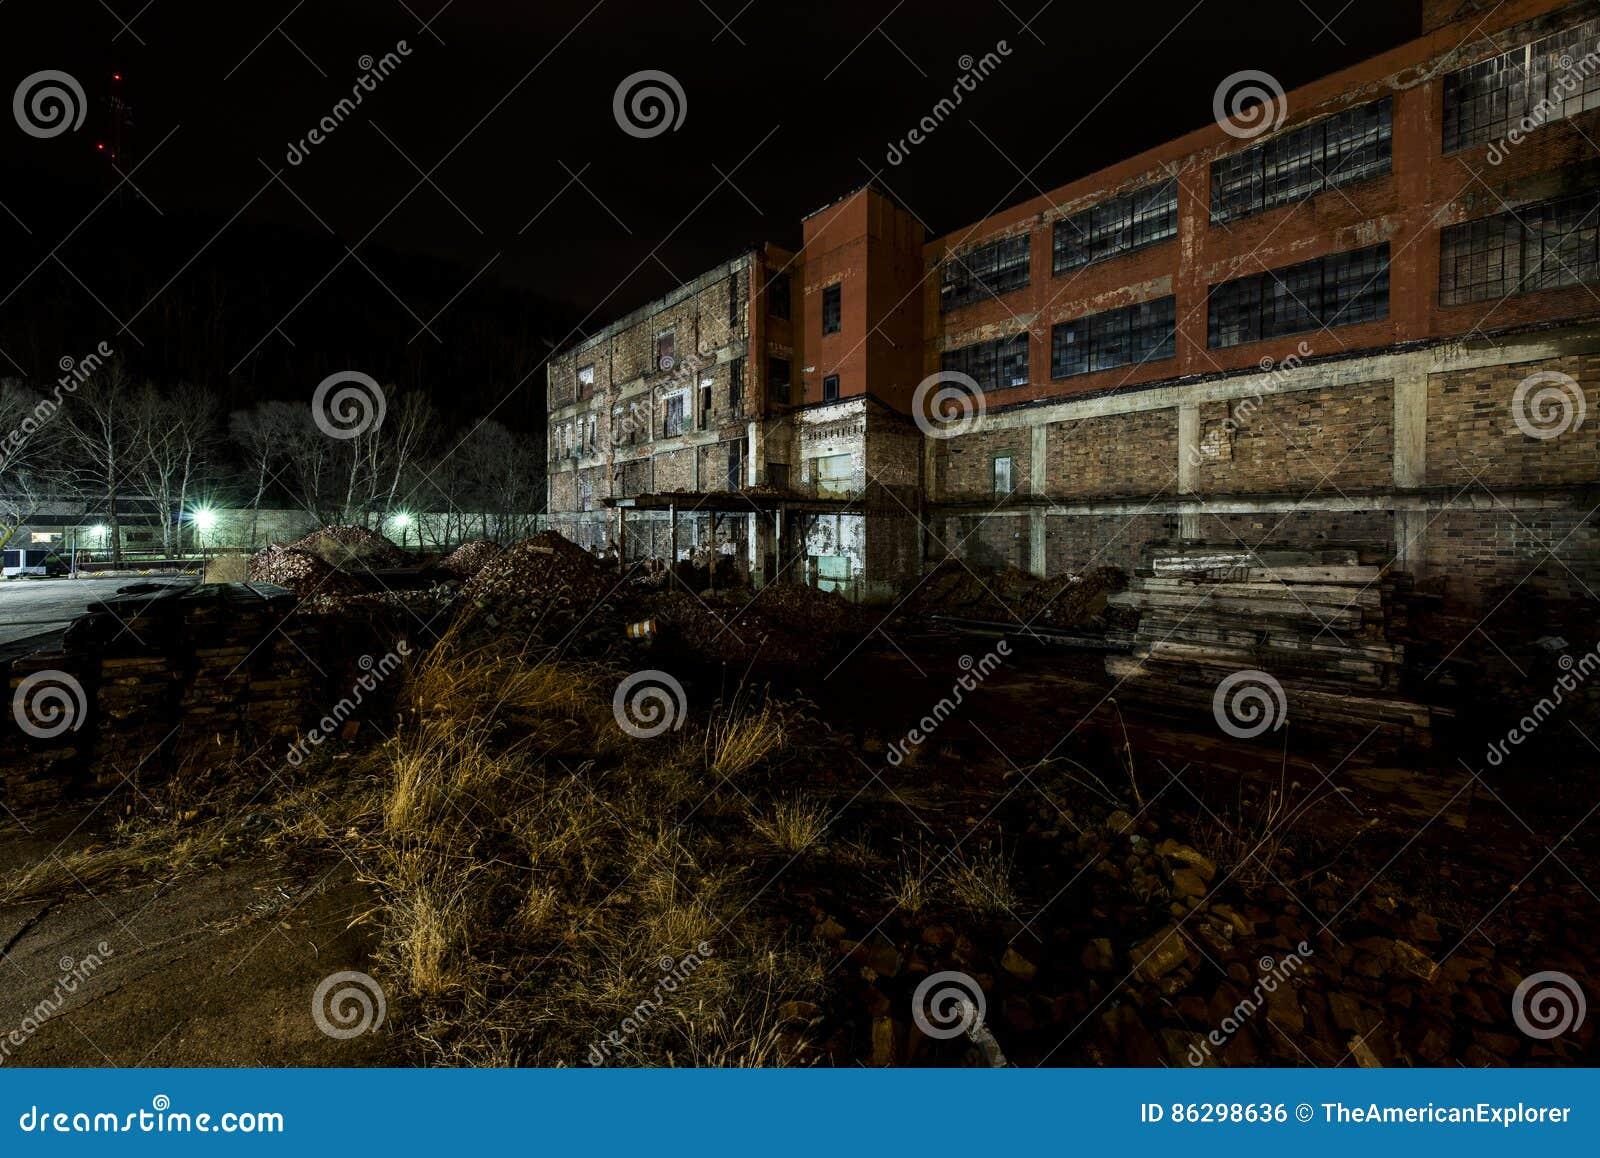 Εγκαταλειμμένο και μερικώς κατεδαφισμένο εργοστάσιο γυαλιού - περιστροφή, δυτική Βιρτζίνια